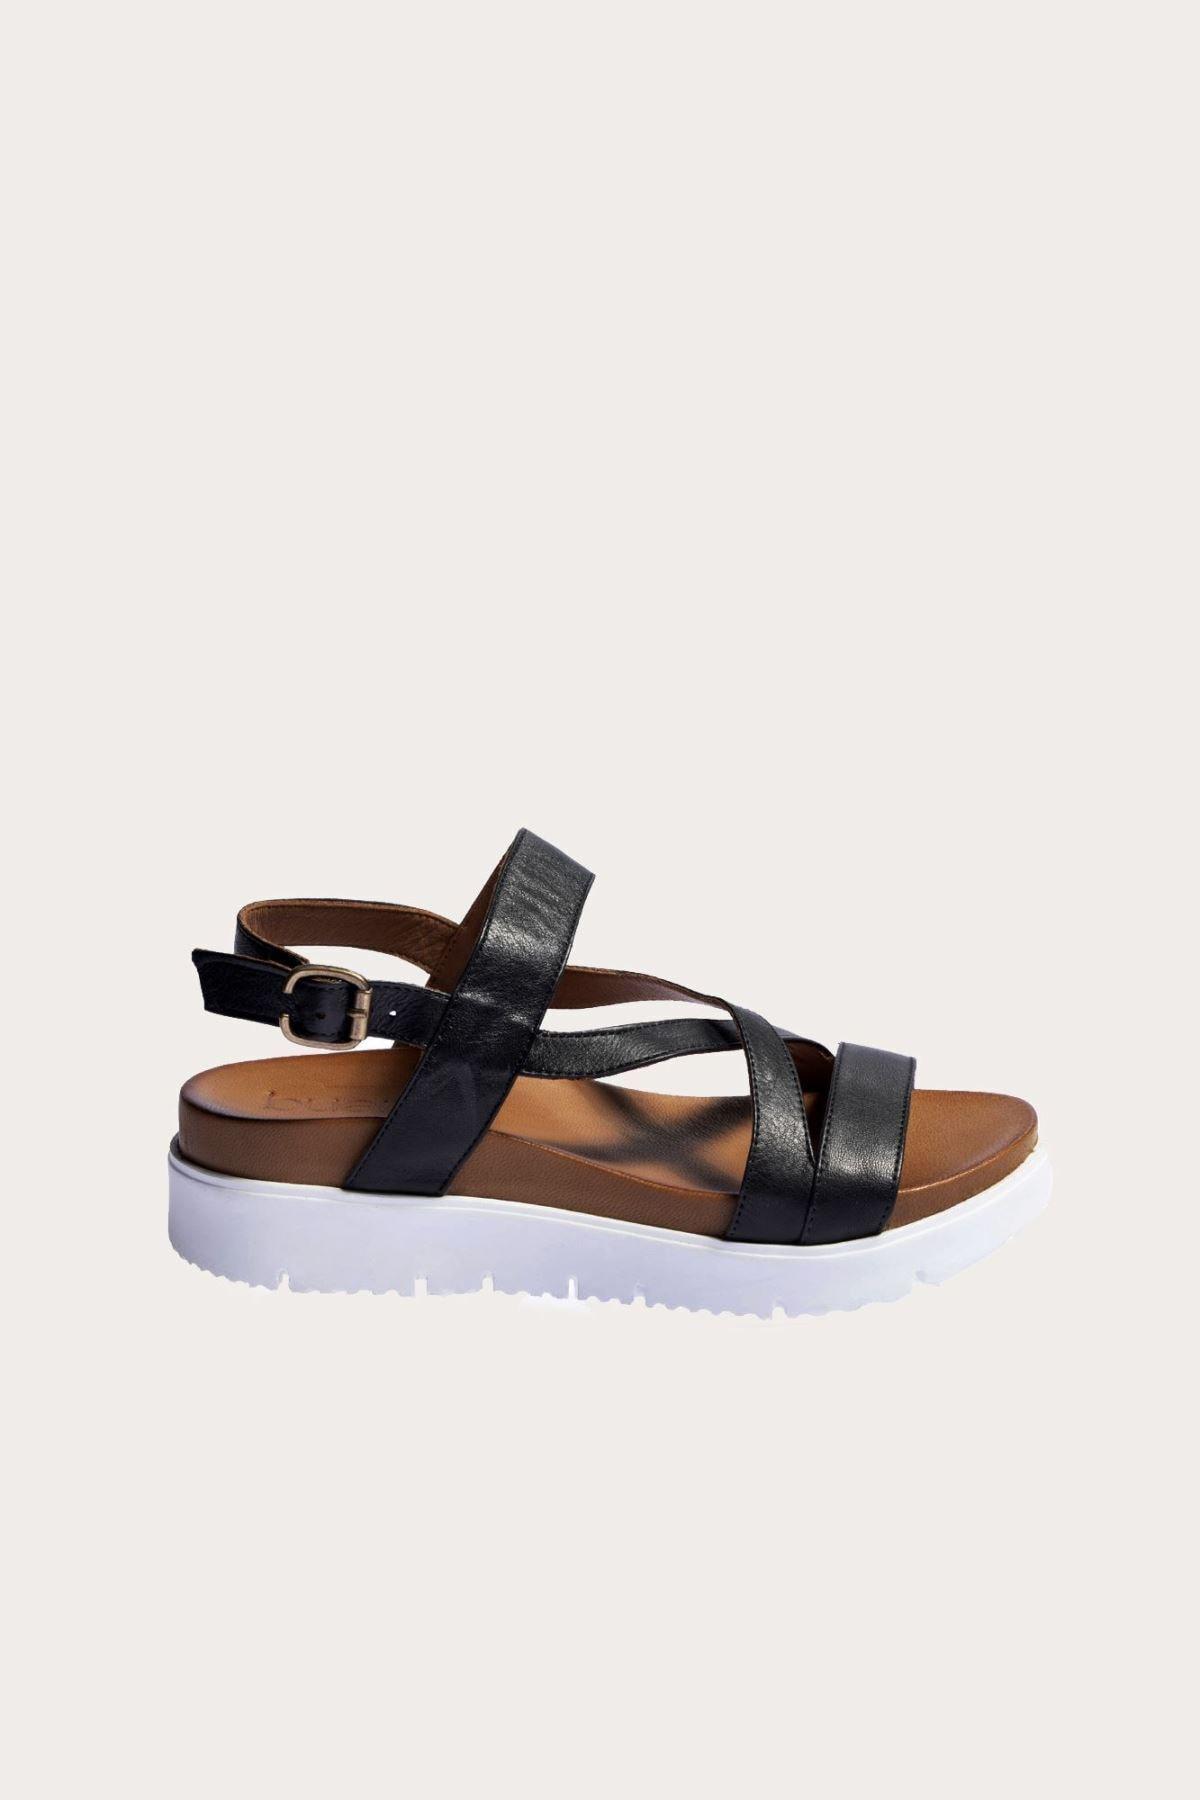 Bueno Shoes Siyah Deri Kadın Düz Sandalet 1